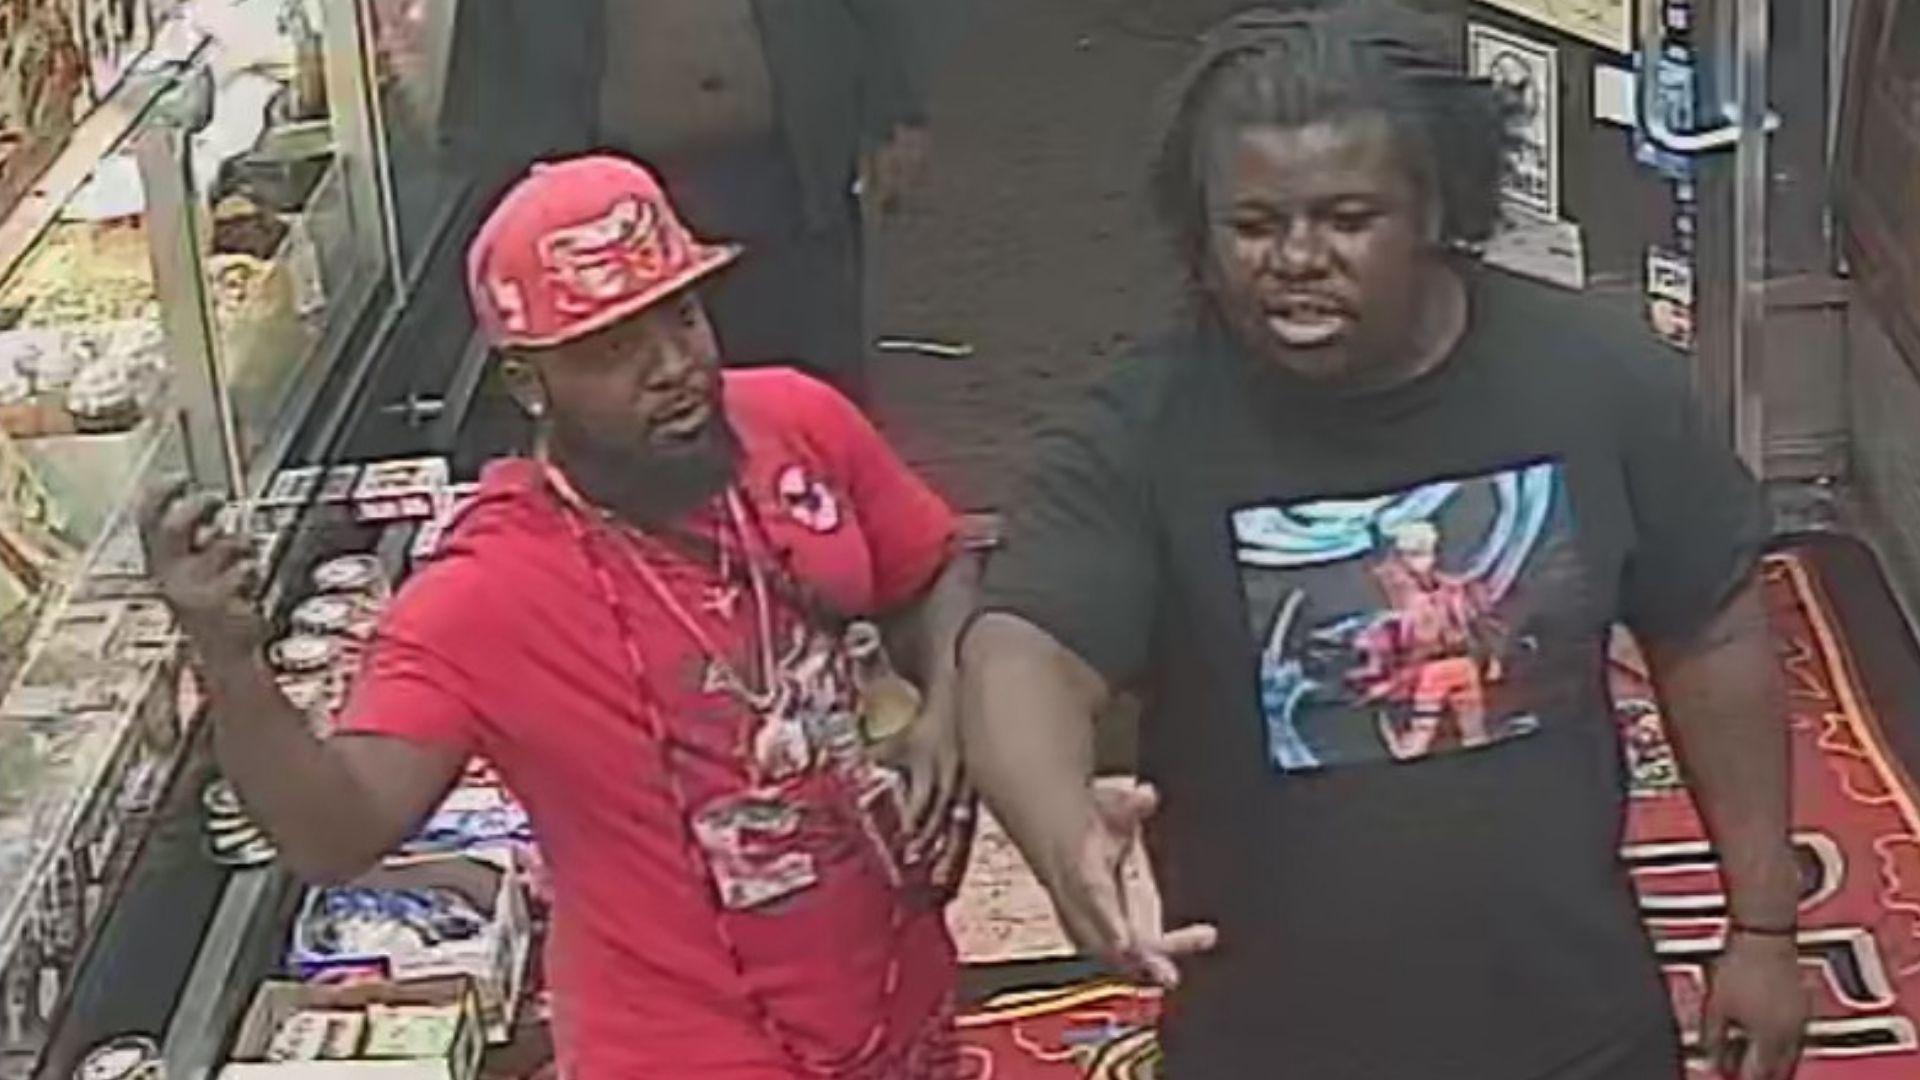 Brooklyn bodega robbery